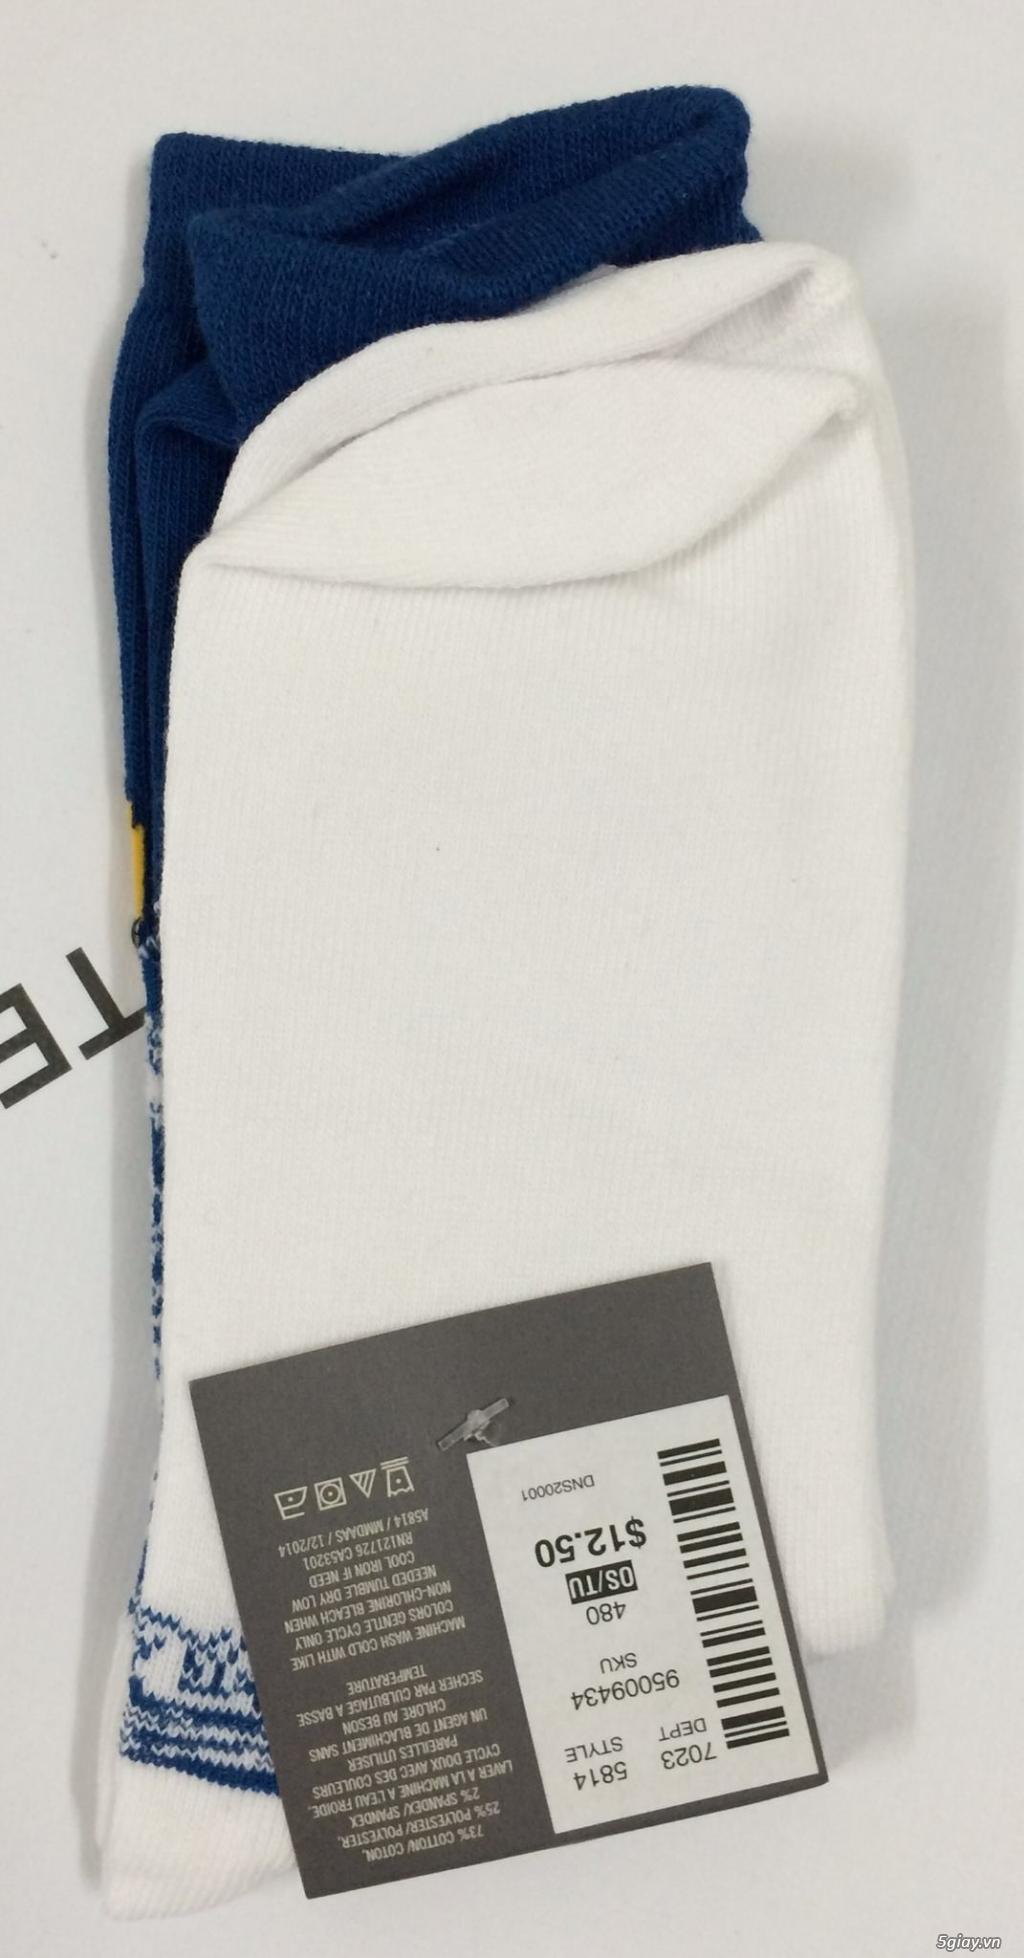 Quần cuc , quần lót , vo : Ck , tonny , Hollister , Aeropostale chất lượng cao từ mỹ - 24